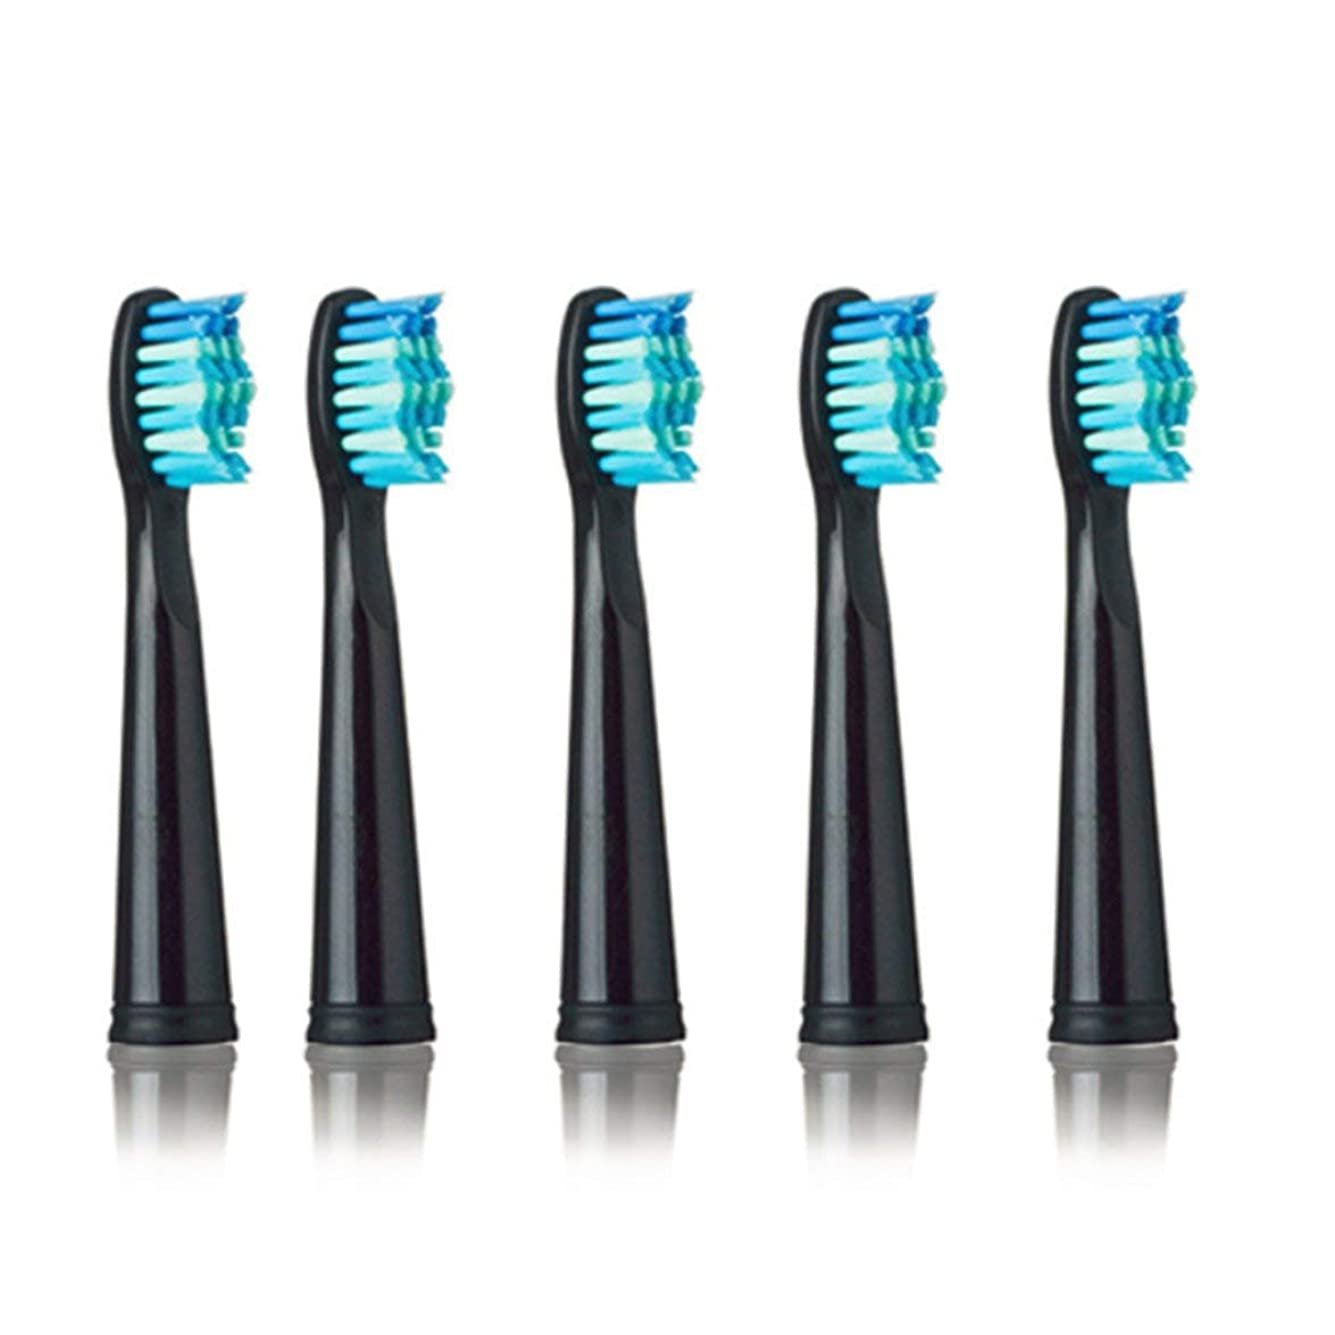 公平な生きるを必要としていますSEAGO 949/507/610/659用電動歯ブラシヘッド抗菌自動歯ブラシヘッド電動歯ブラシ - ブラック